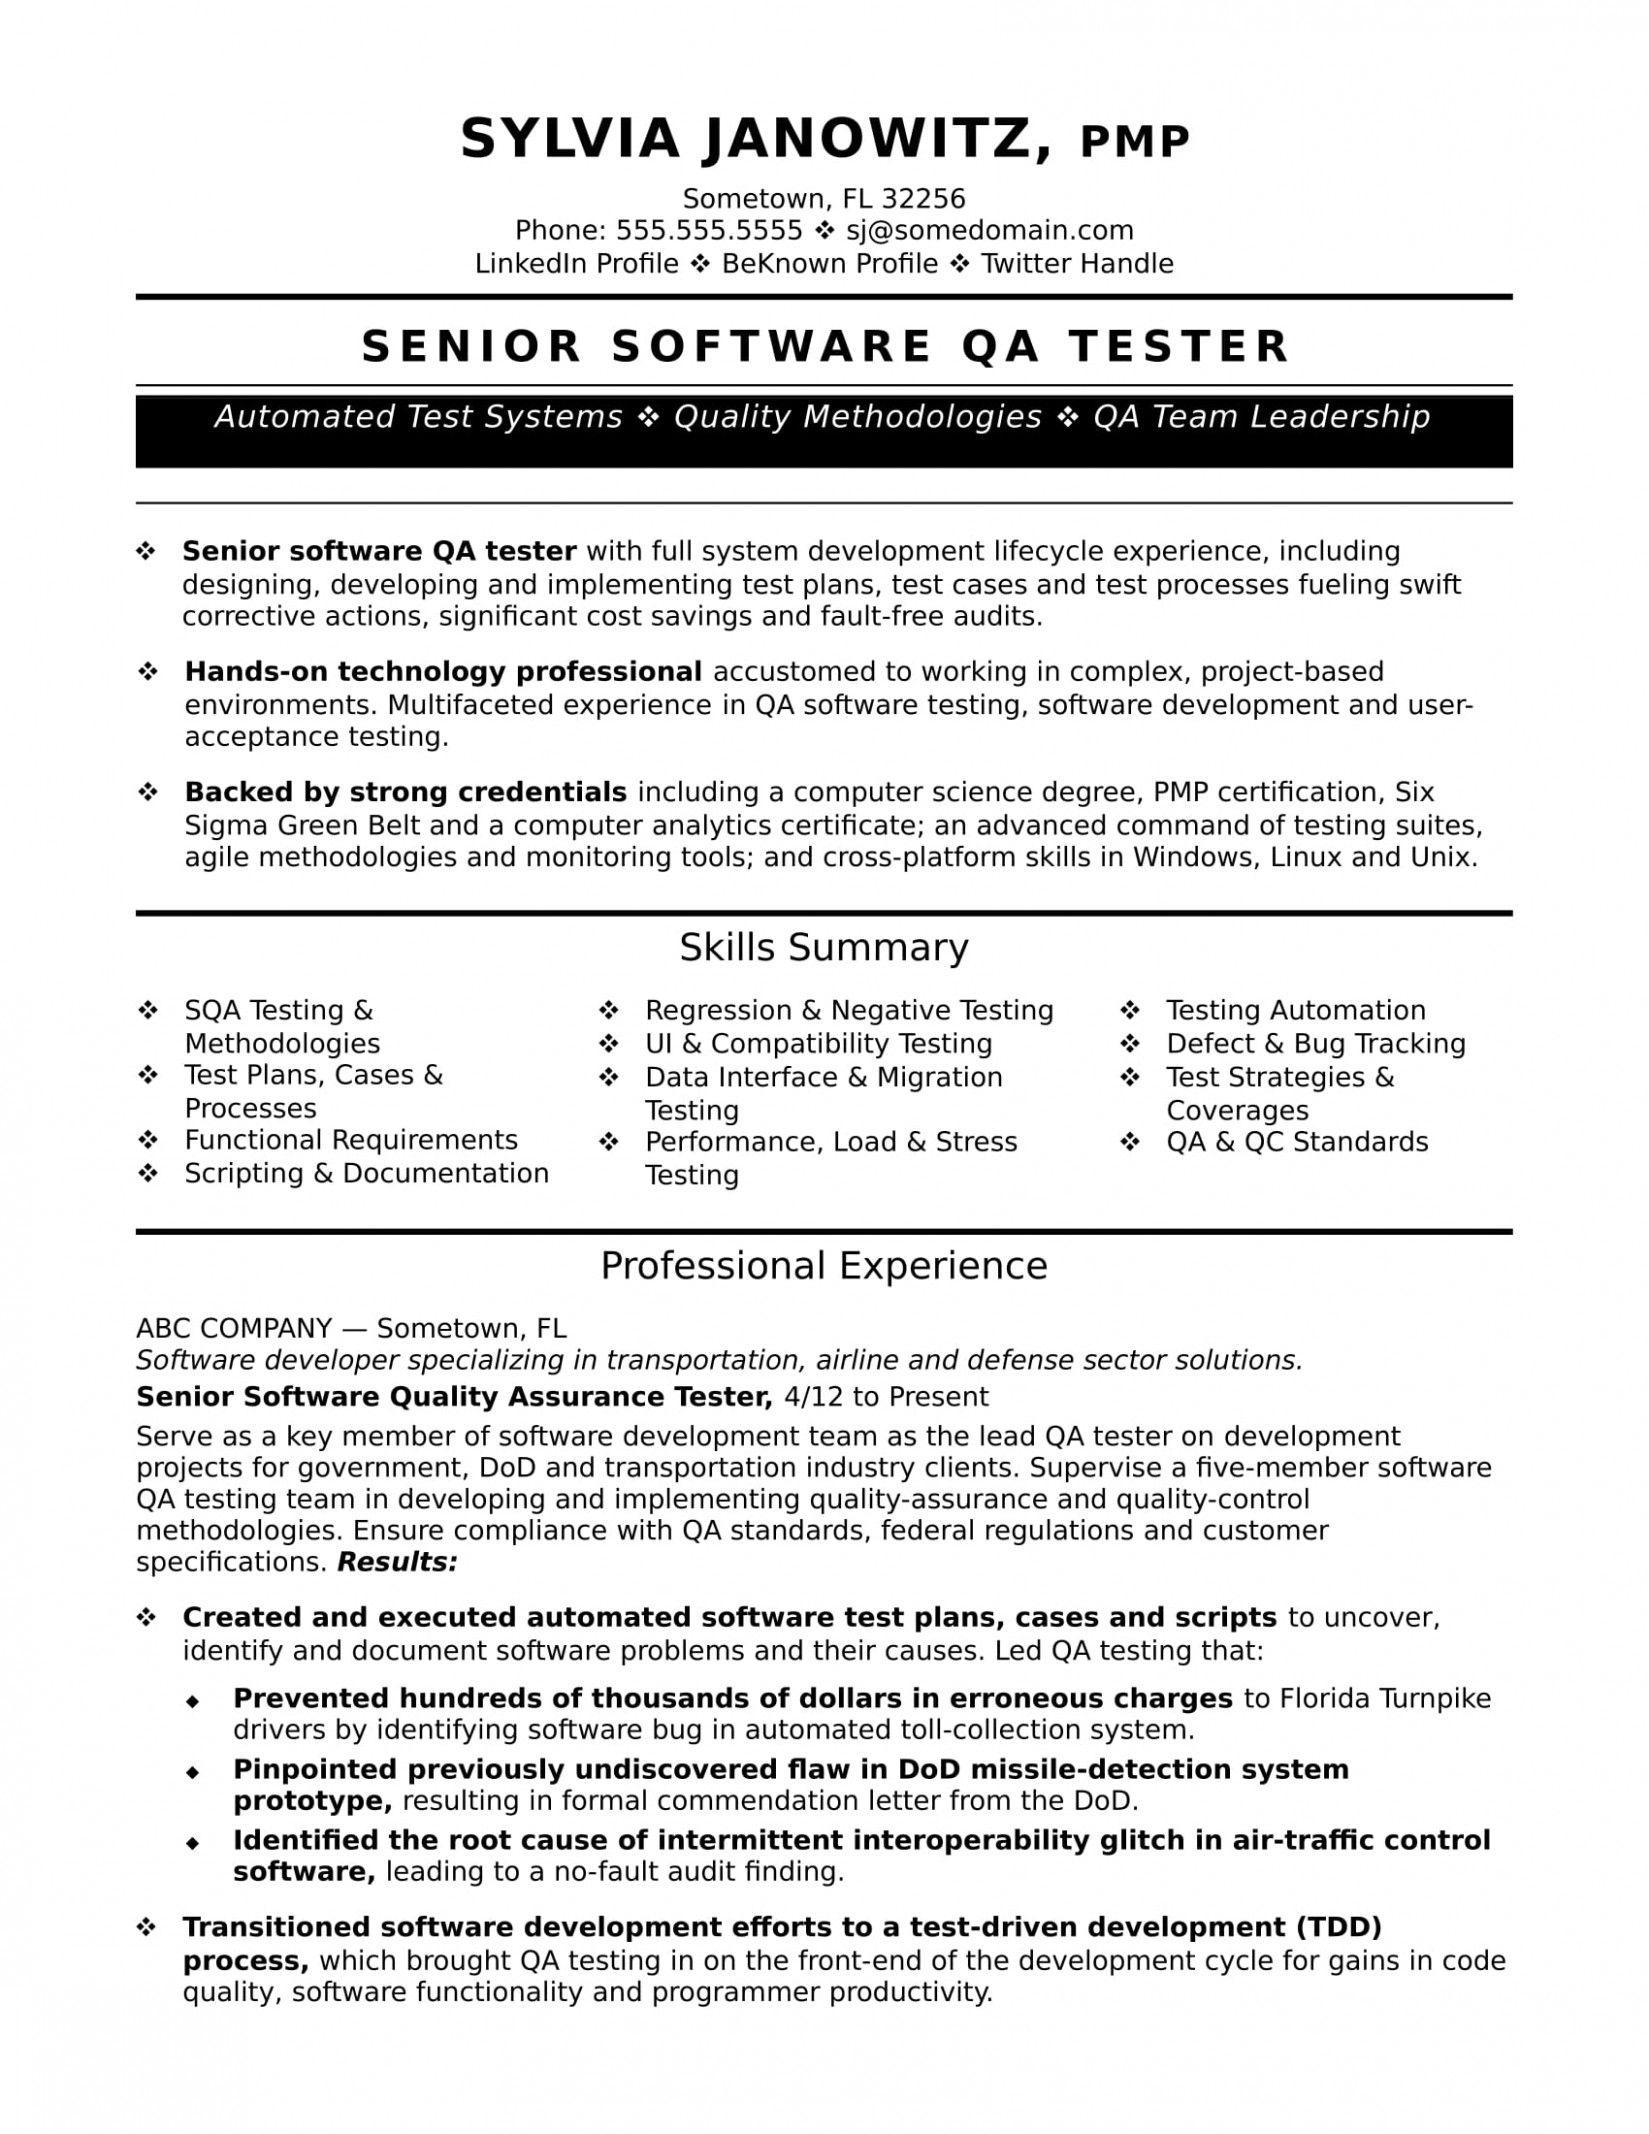 14 software program engineer resume headline in 2020 job